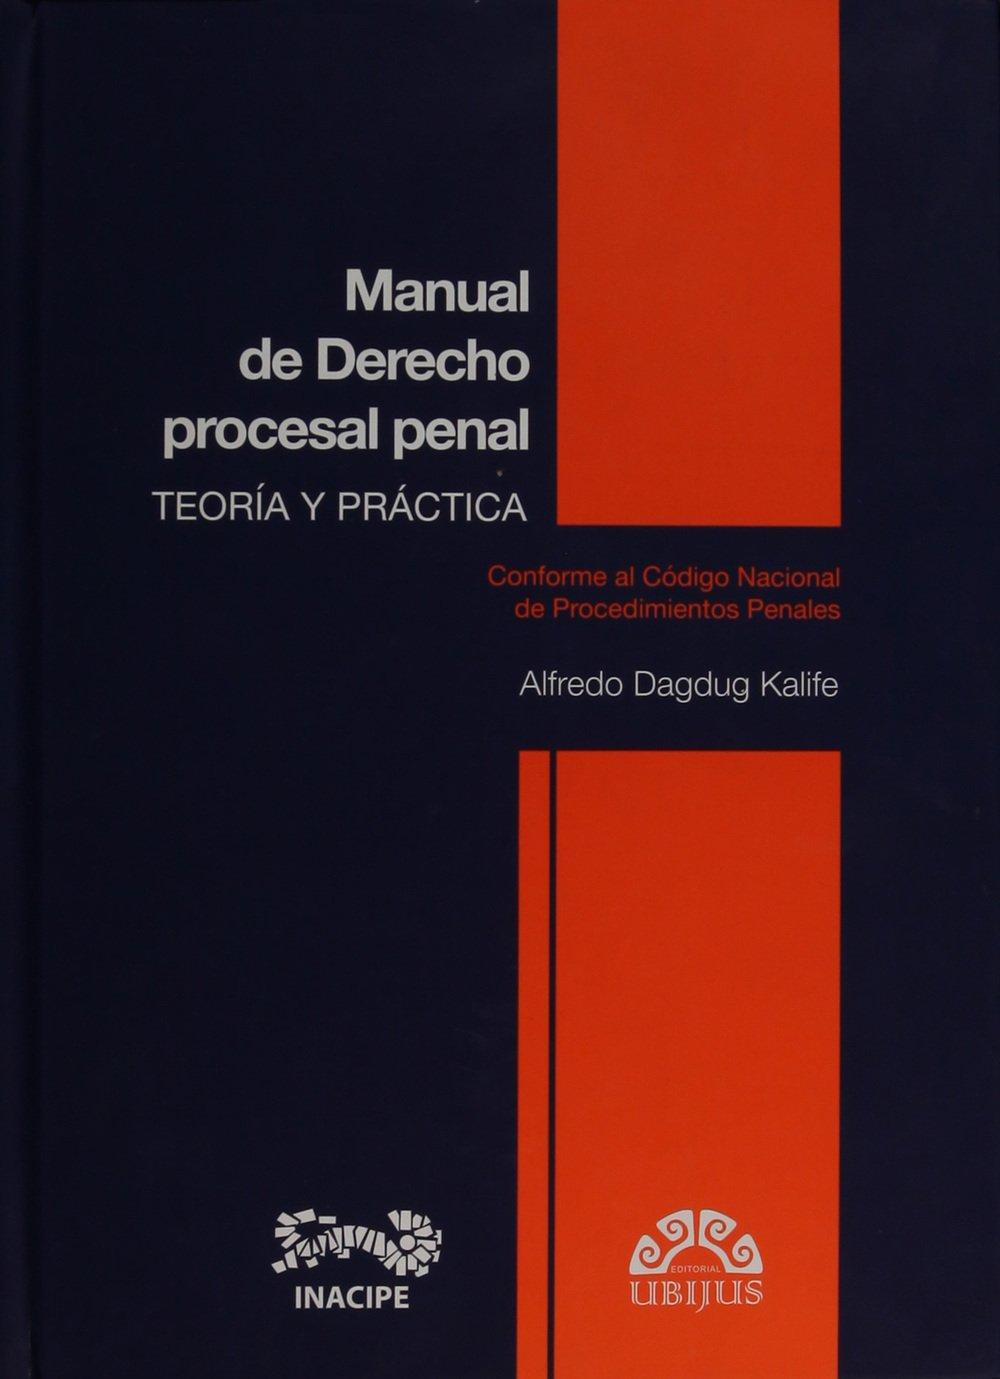 Librería dykinson manual de derecho procesal penal gimeno.